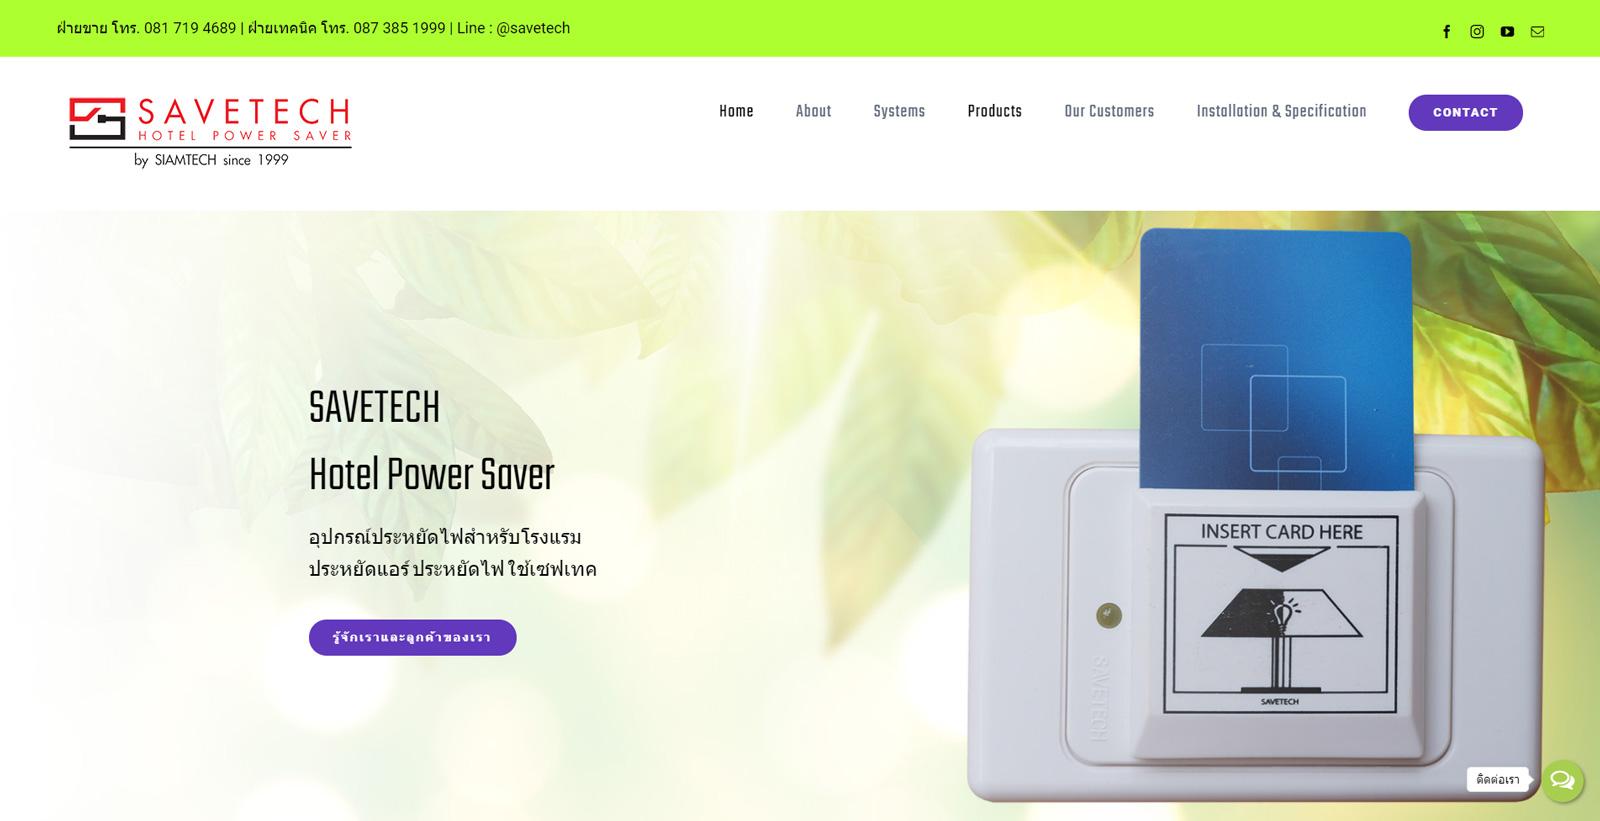 เว็บไซต์ SaveTech (บริการที่ใช้ : รับสร้างเว็บไซต์) ขนาดหน้าจอ Notebook